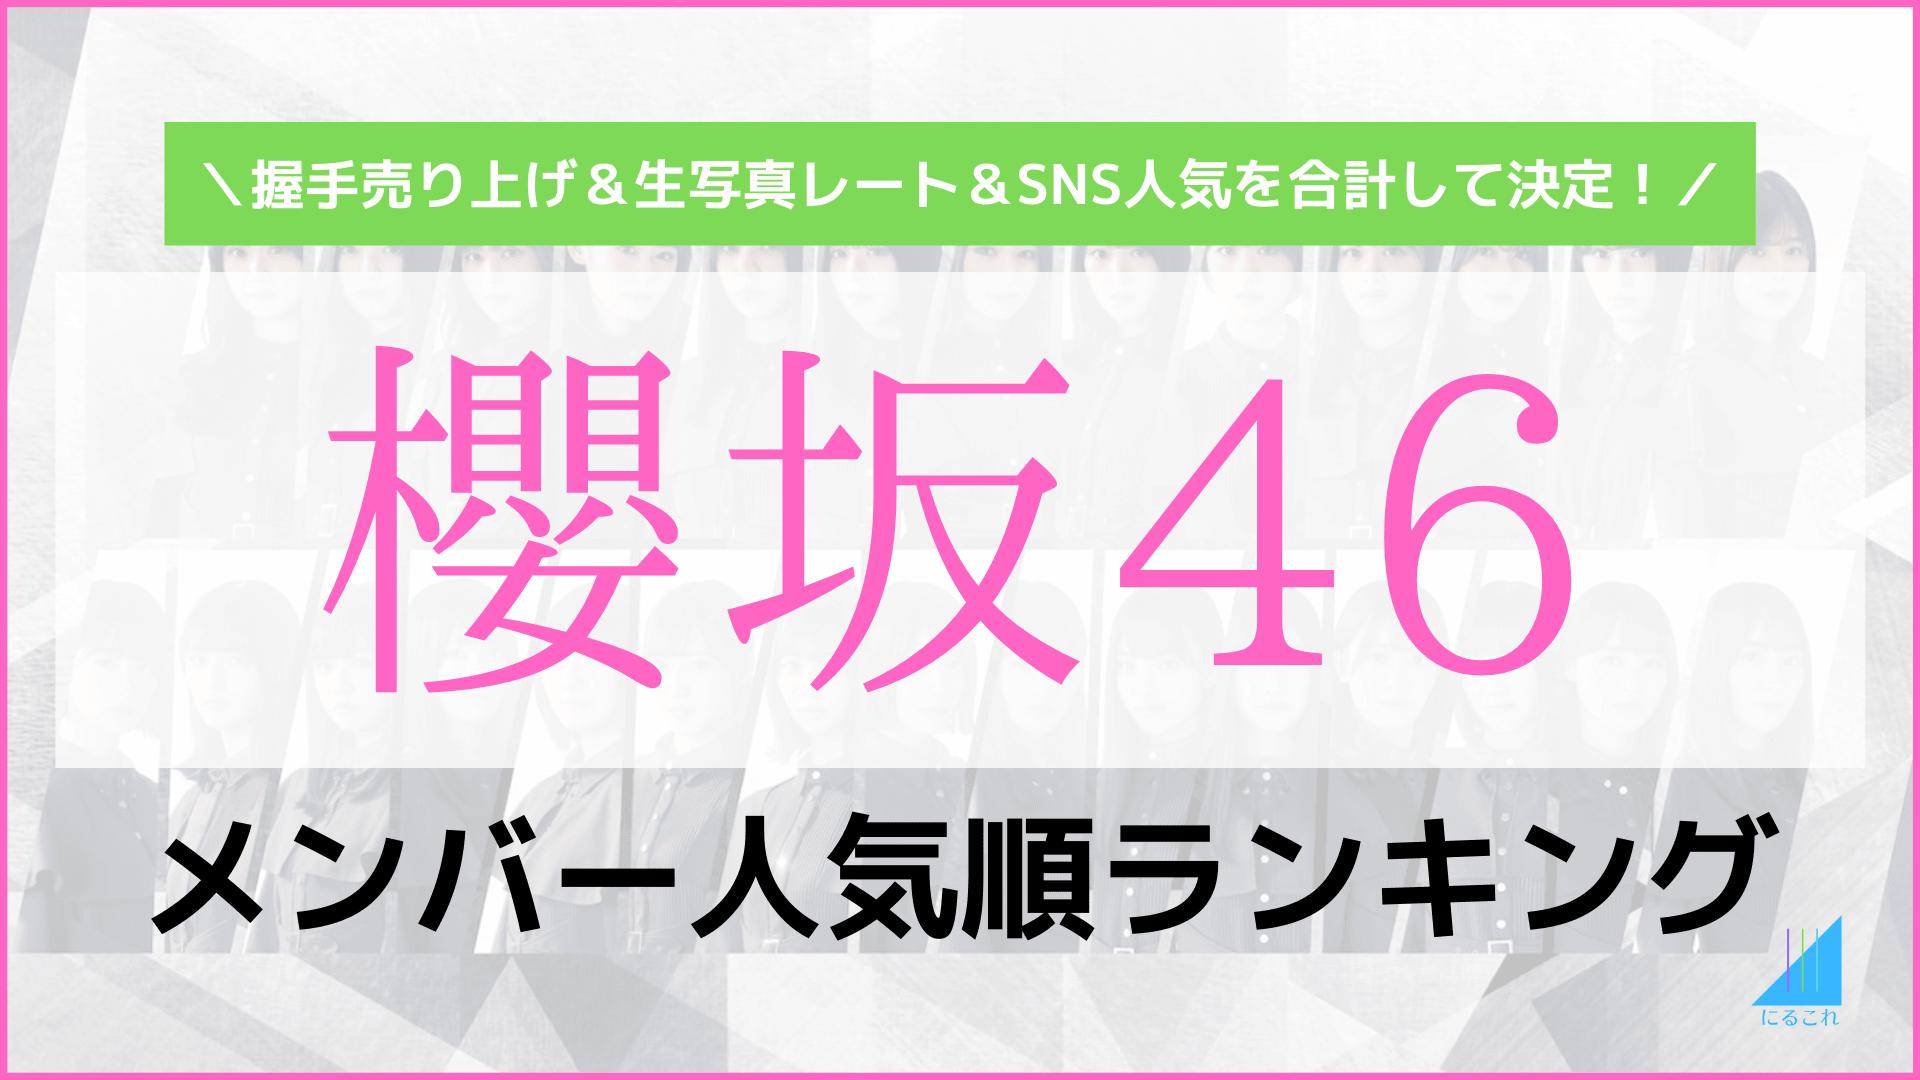 坂 メンバー 櫻 46